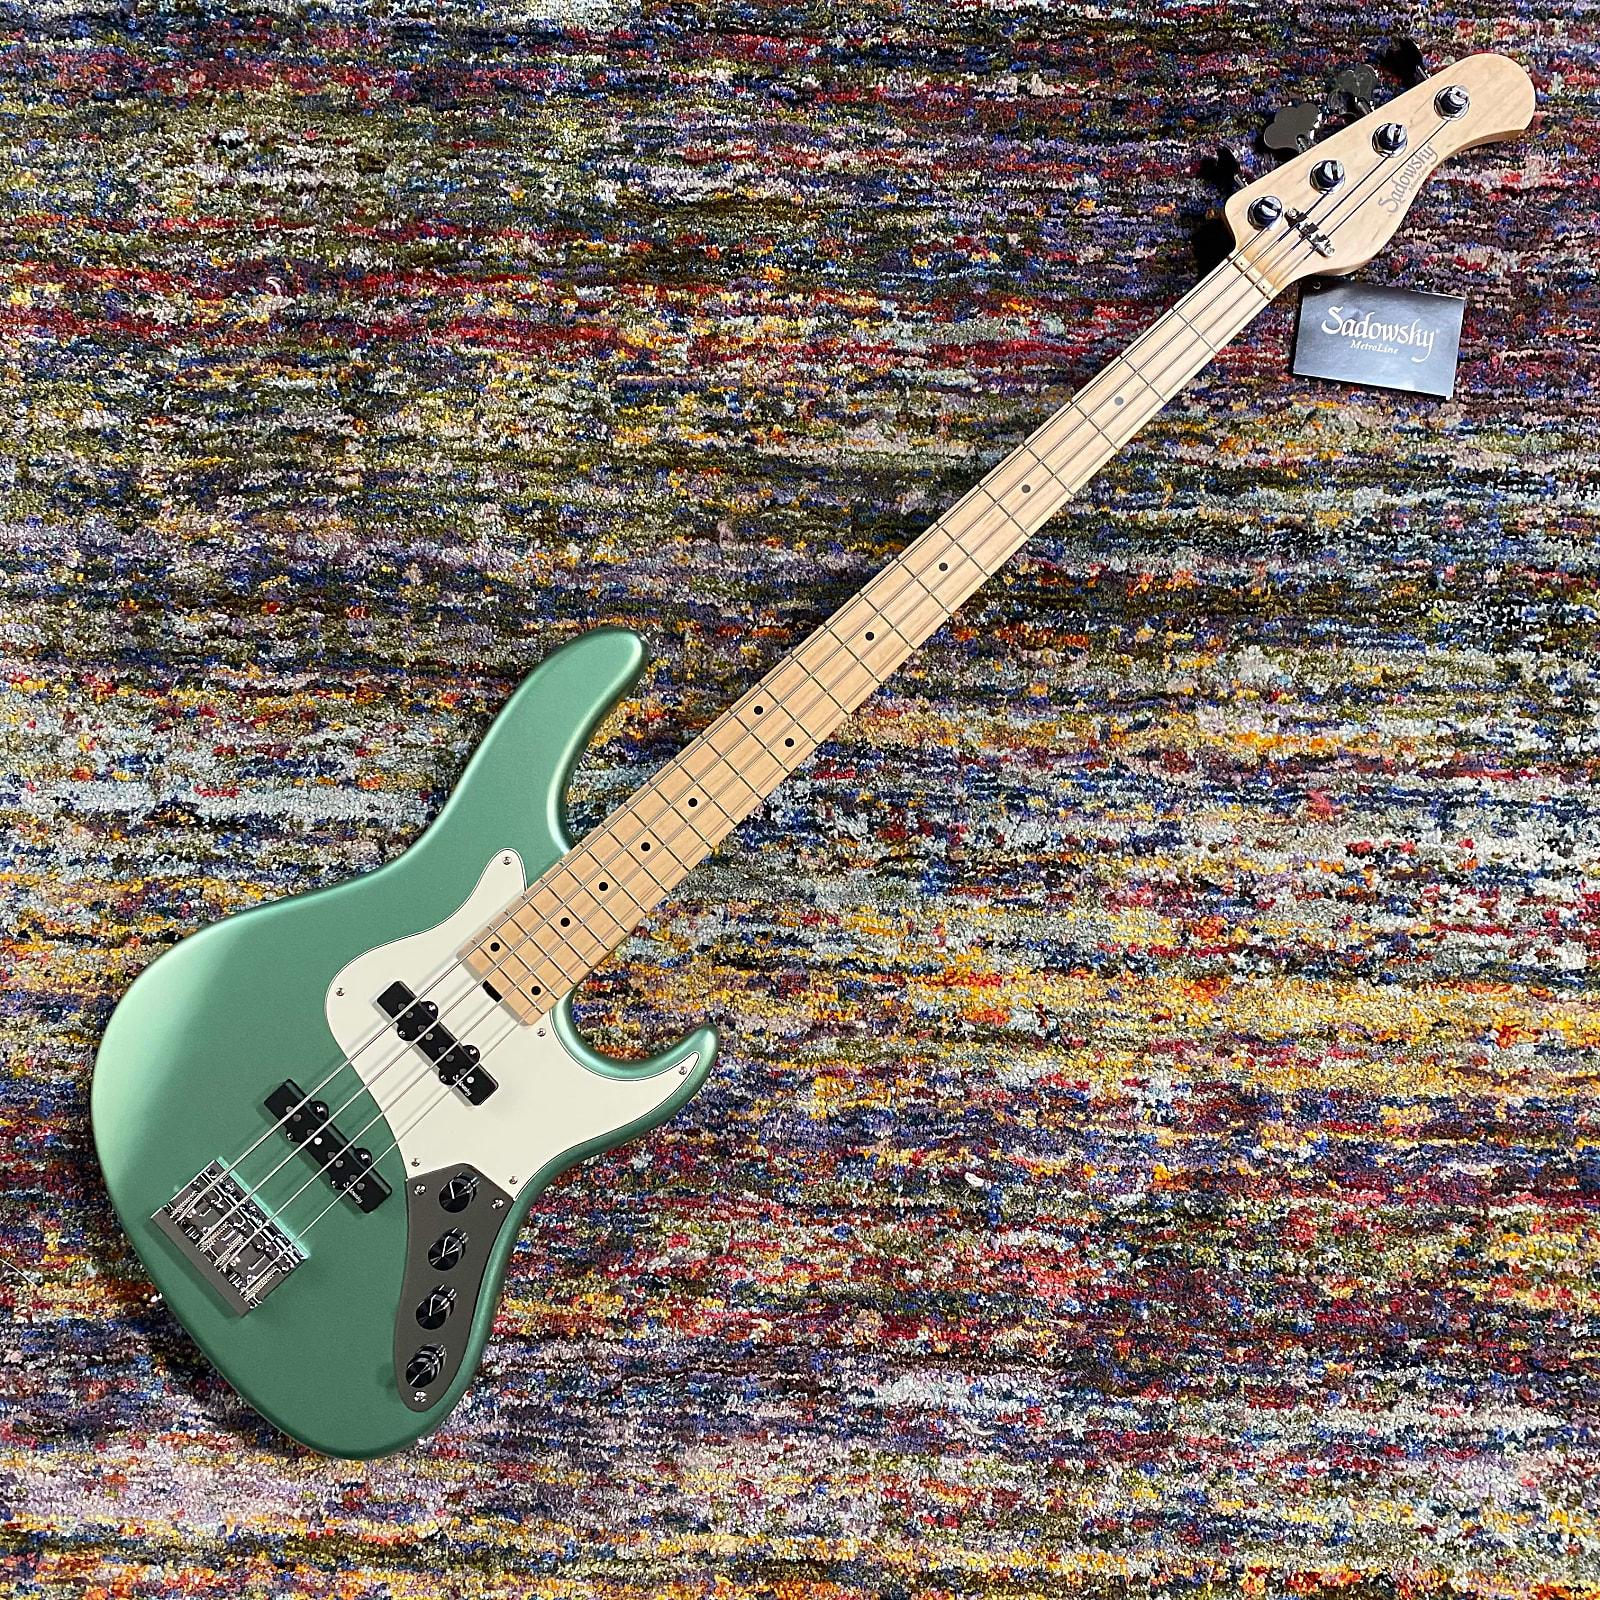 Sadowsky MetroLine 24 Fret Vintage J-Bass, 4 String, Sage Green Metallic Satin, Ash, Germany 2020